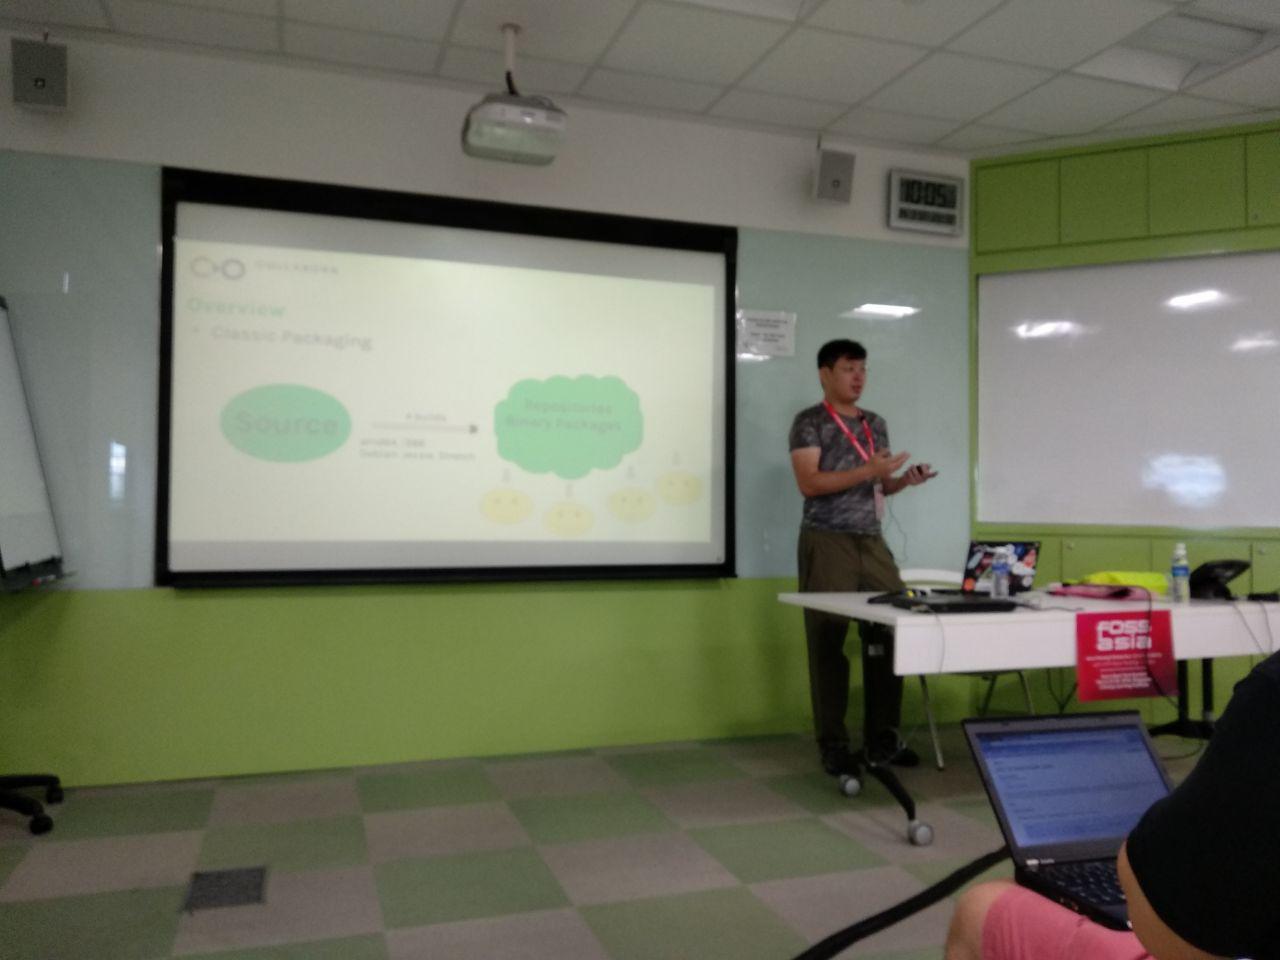 Andrew's talk